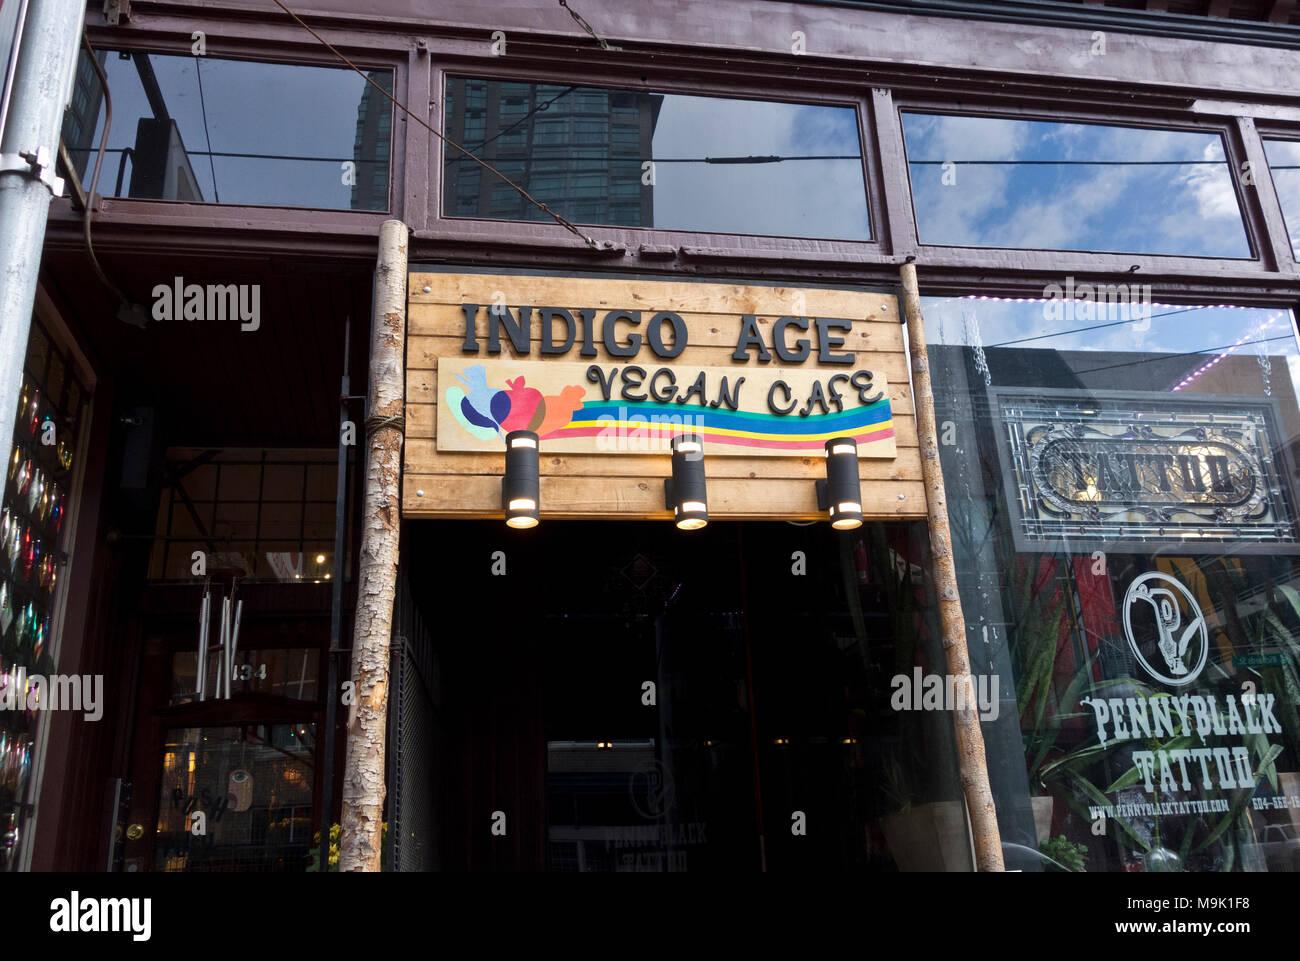 Segno di ingresso per Indigo Età Vegan Cafe, un ristorante vegano nel centro cittadino di Vancouver. Immagini Stock